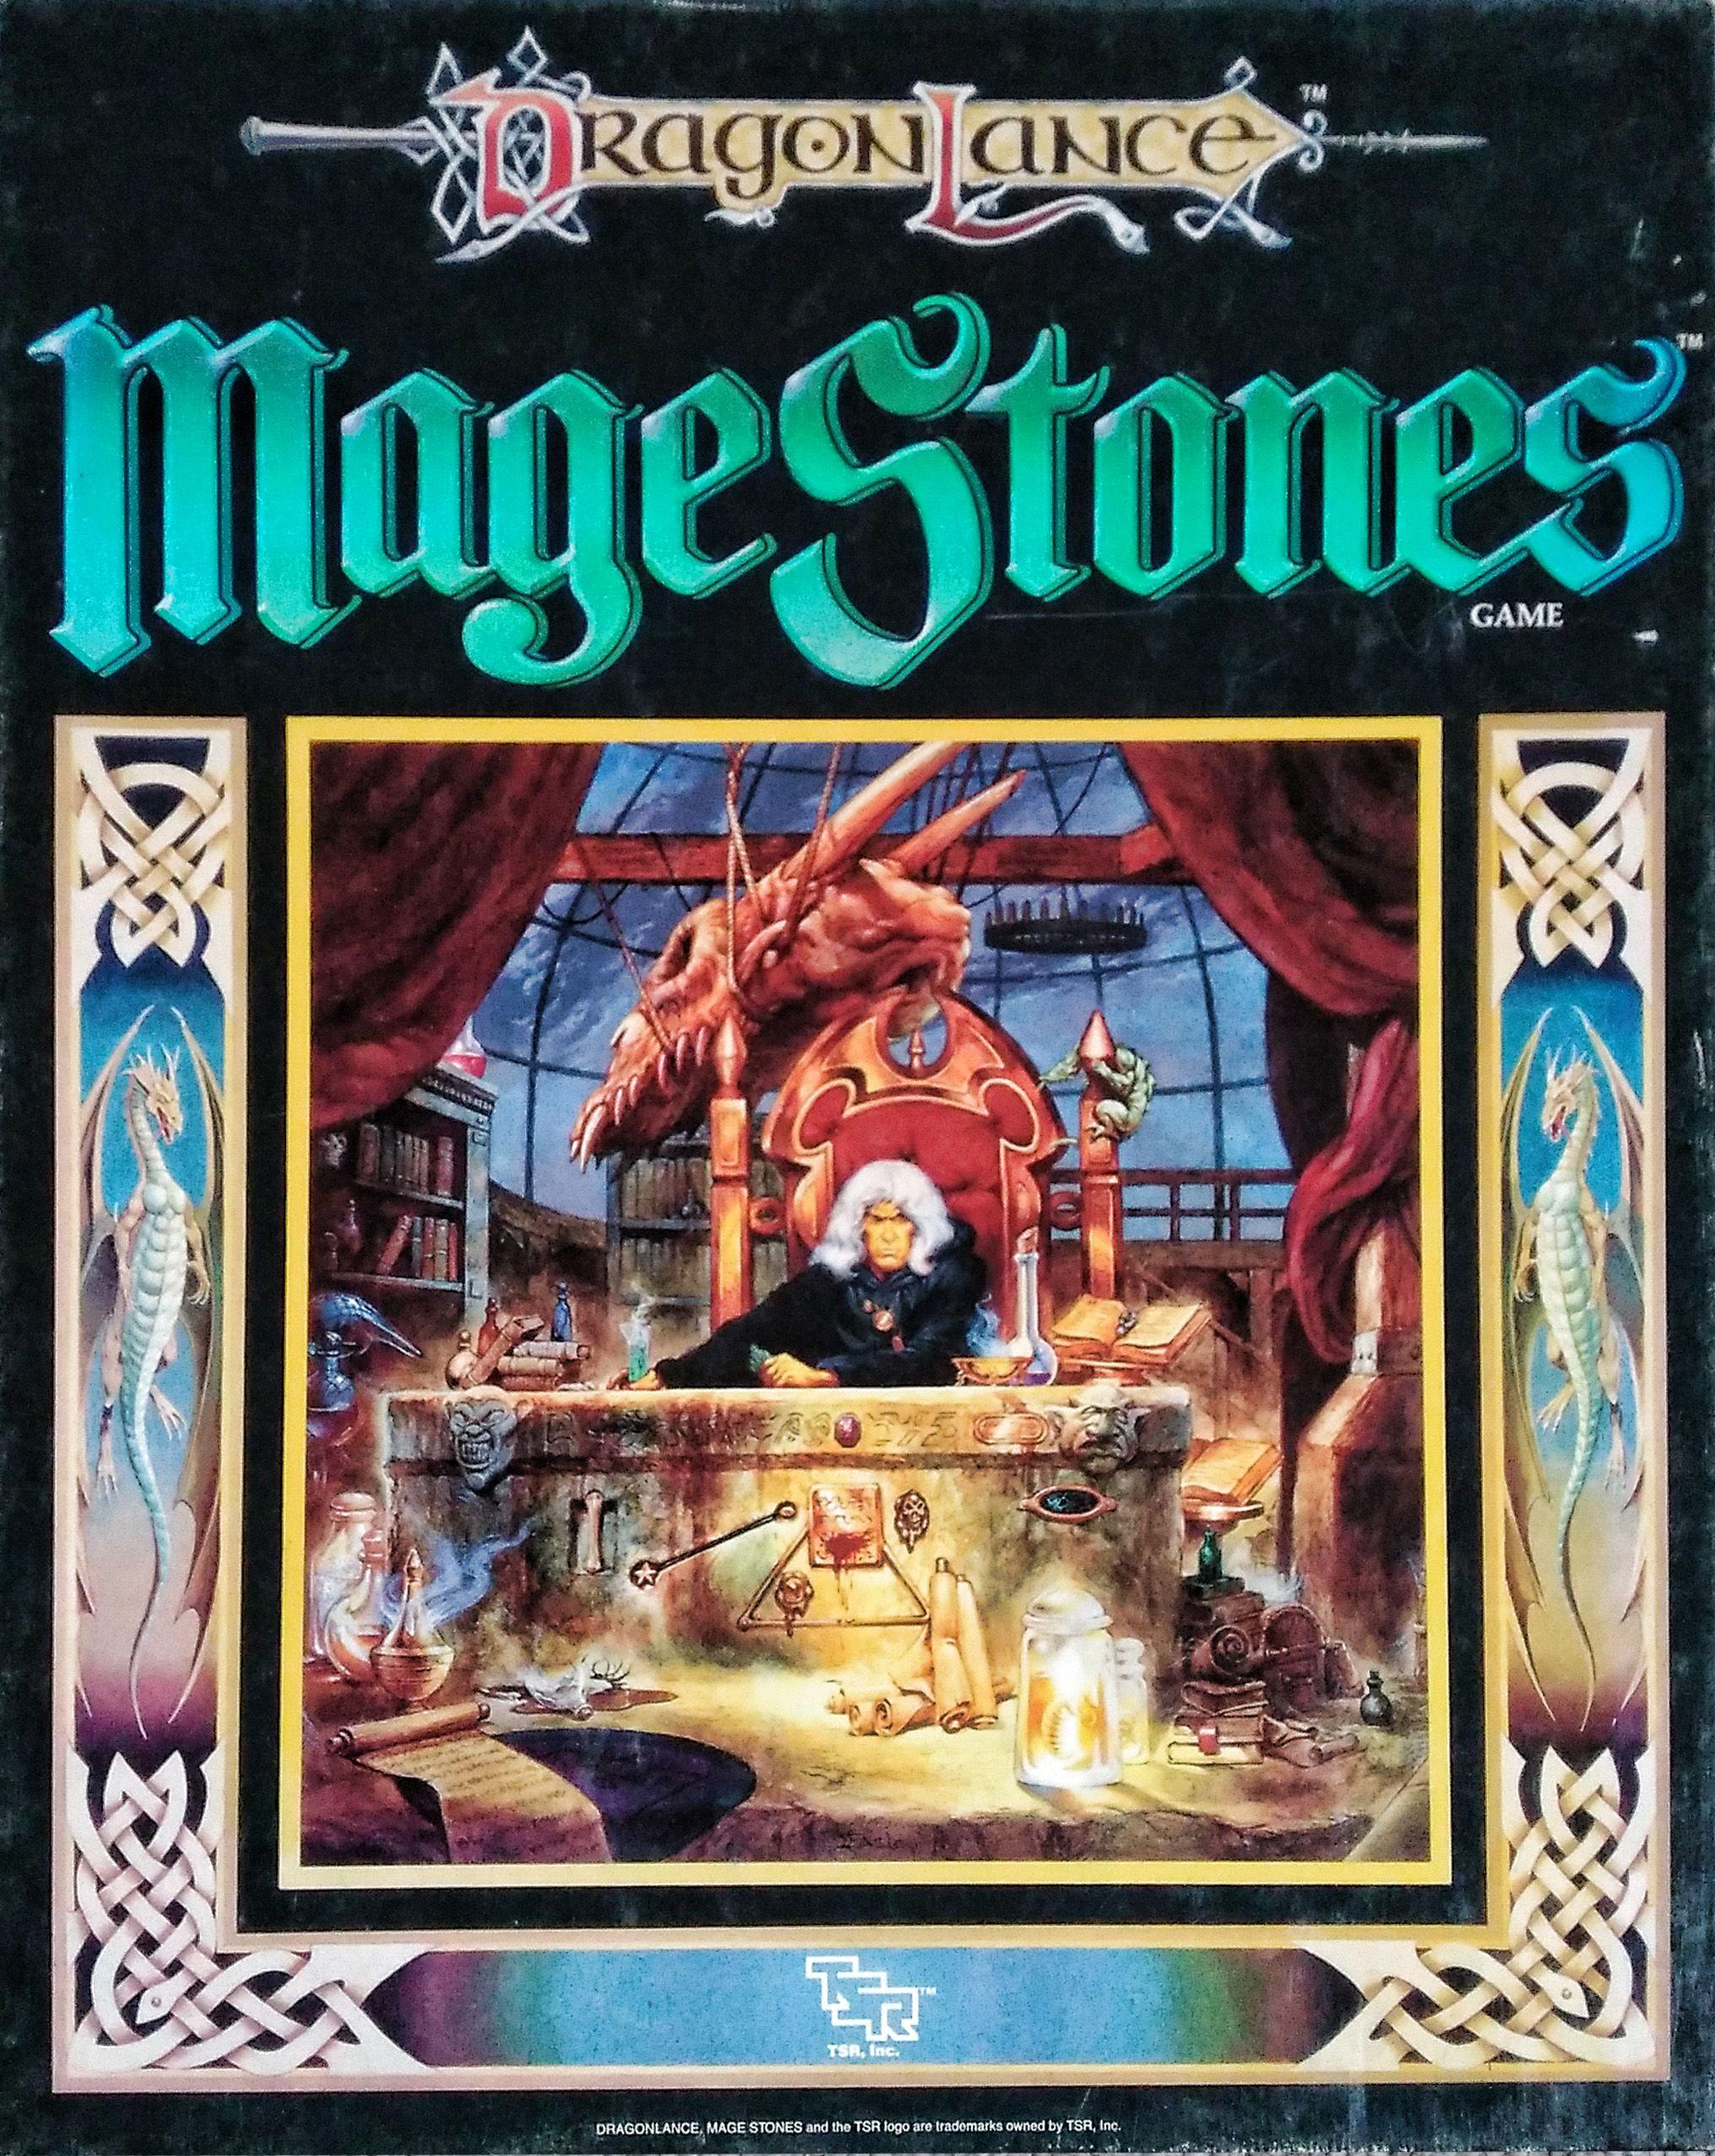 Magestones